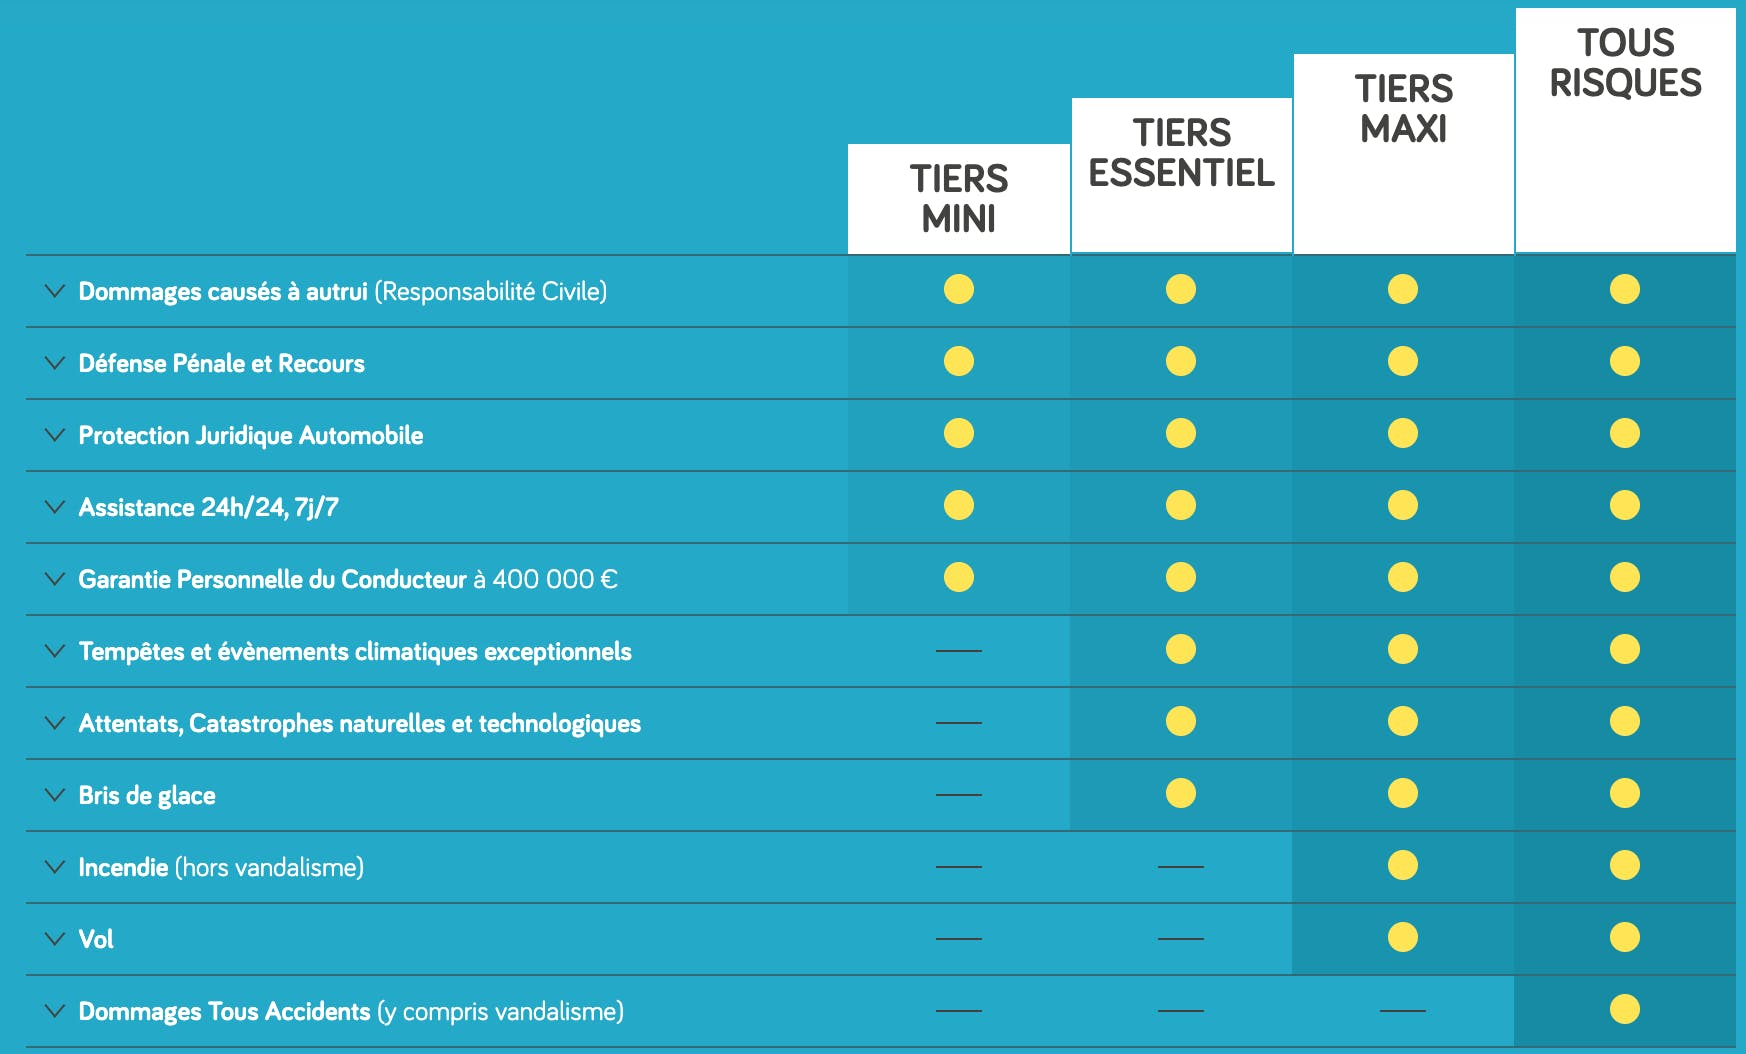 Tableau de comparaison des garanties Direct Assurance pour les formules d'assurance auto Tiers Mini, Tiers Essentiel, Tiers Maxi et Tous Risques